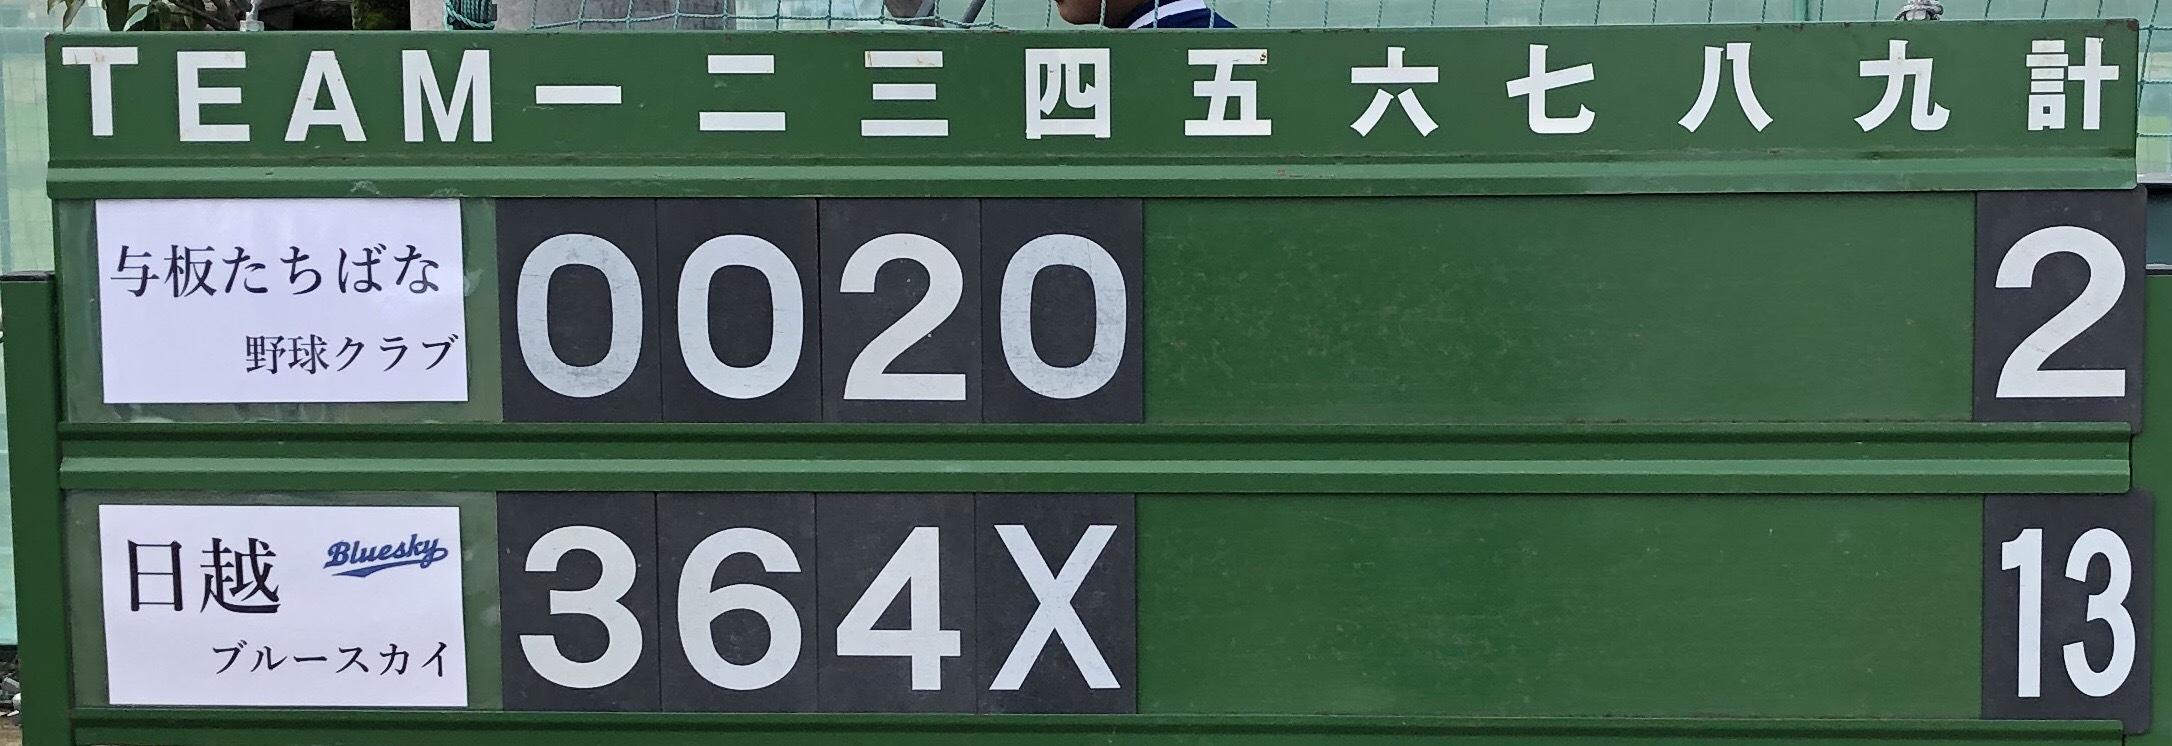 11月4日練習試合結果!vs与板たちばな野球クラブさん_b0095176_11162644.jpeg